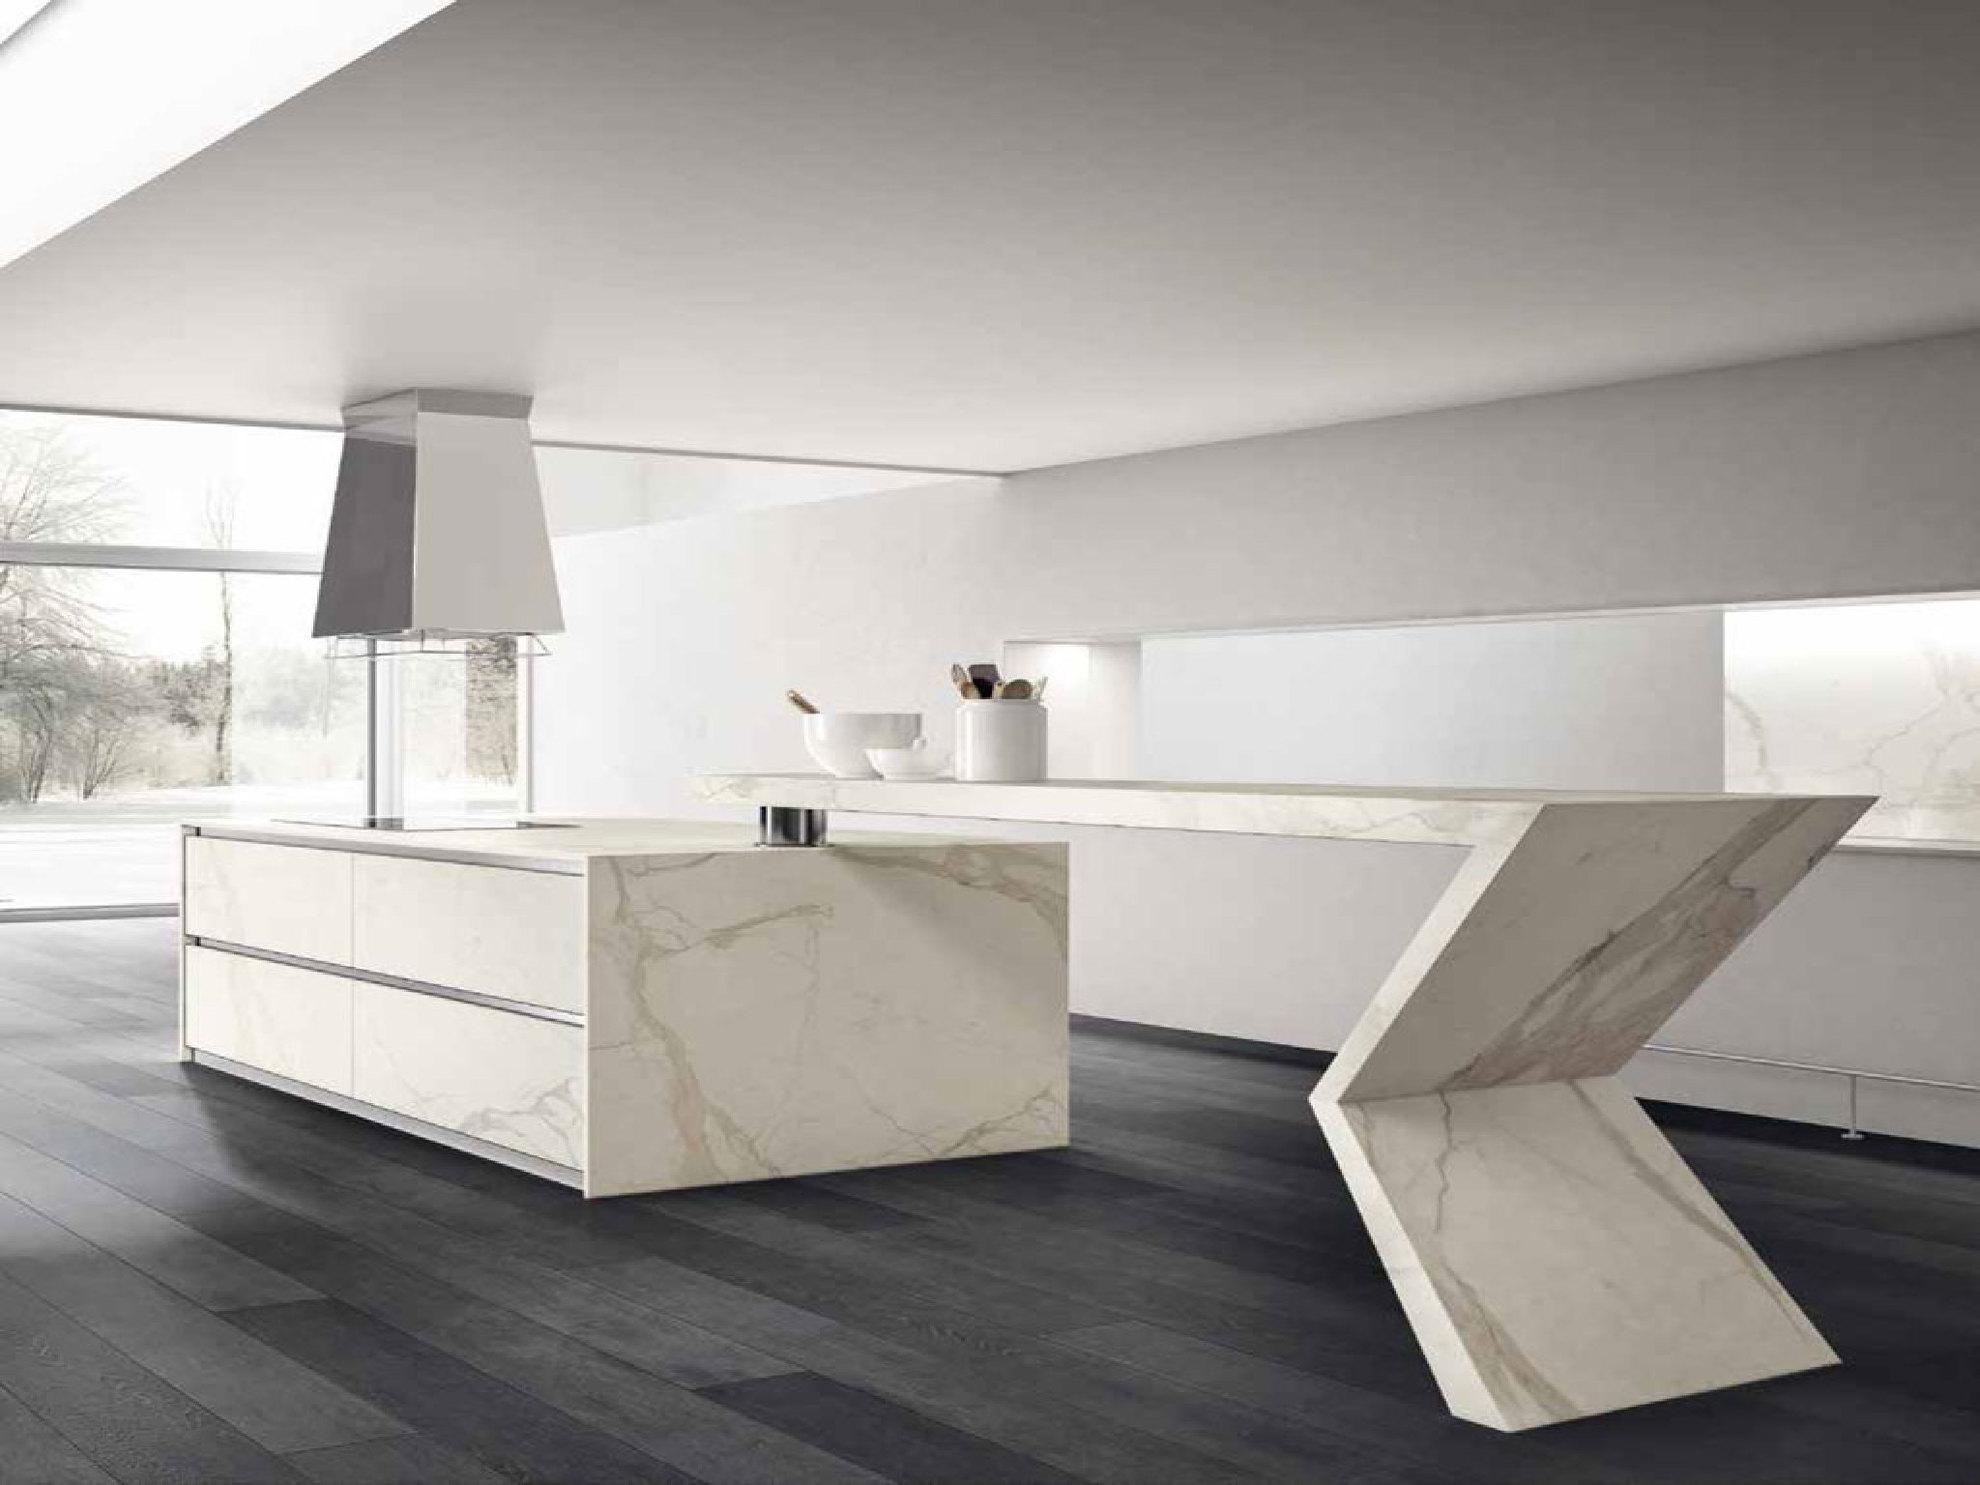 Tradizione e modernita delle piastrelle fmg effetto marmo floornature - Dielle piastrelle ...